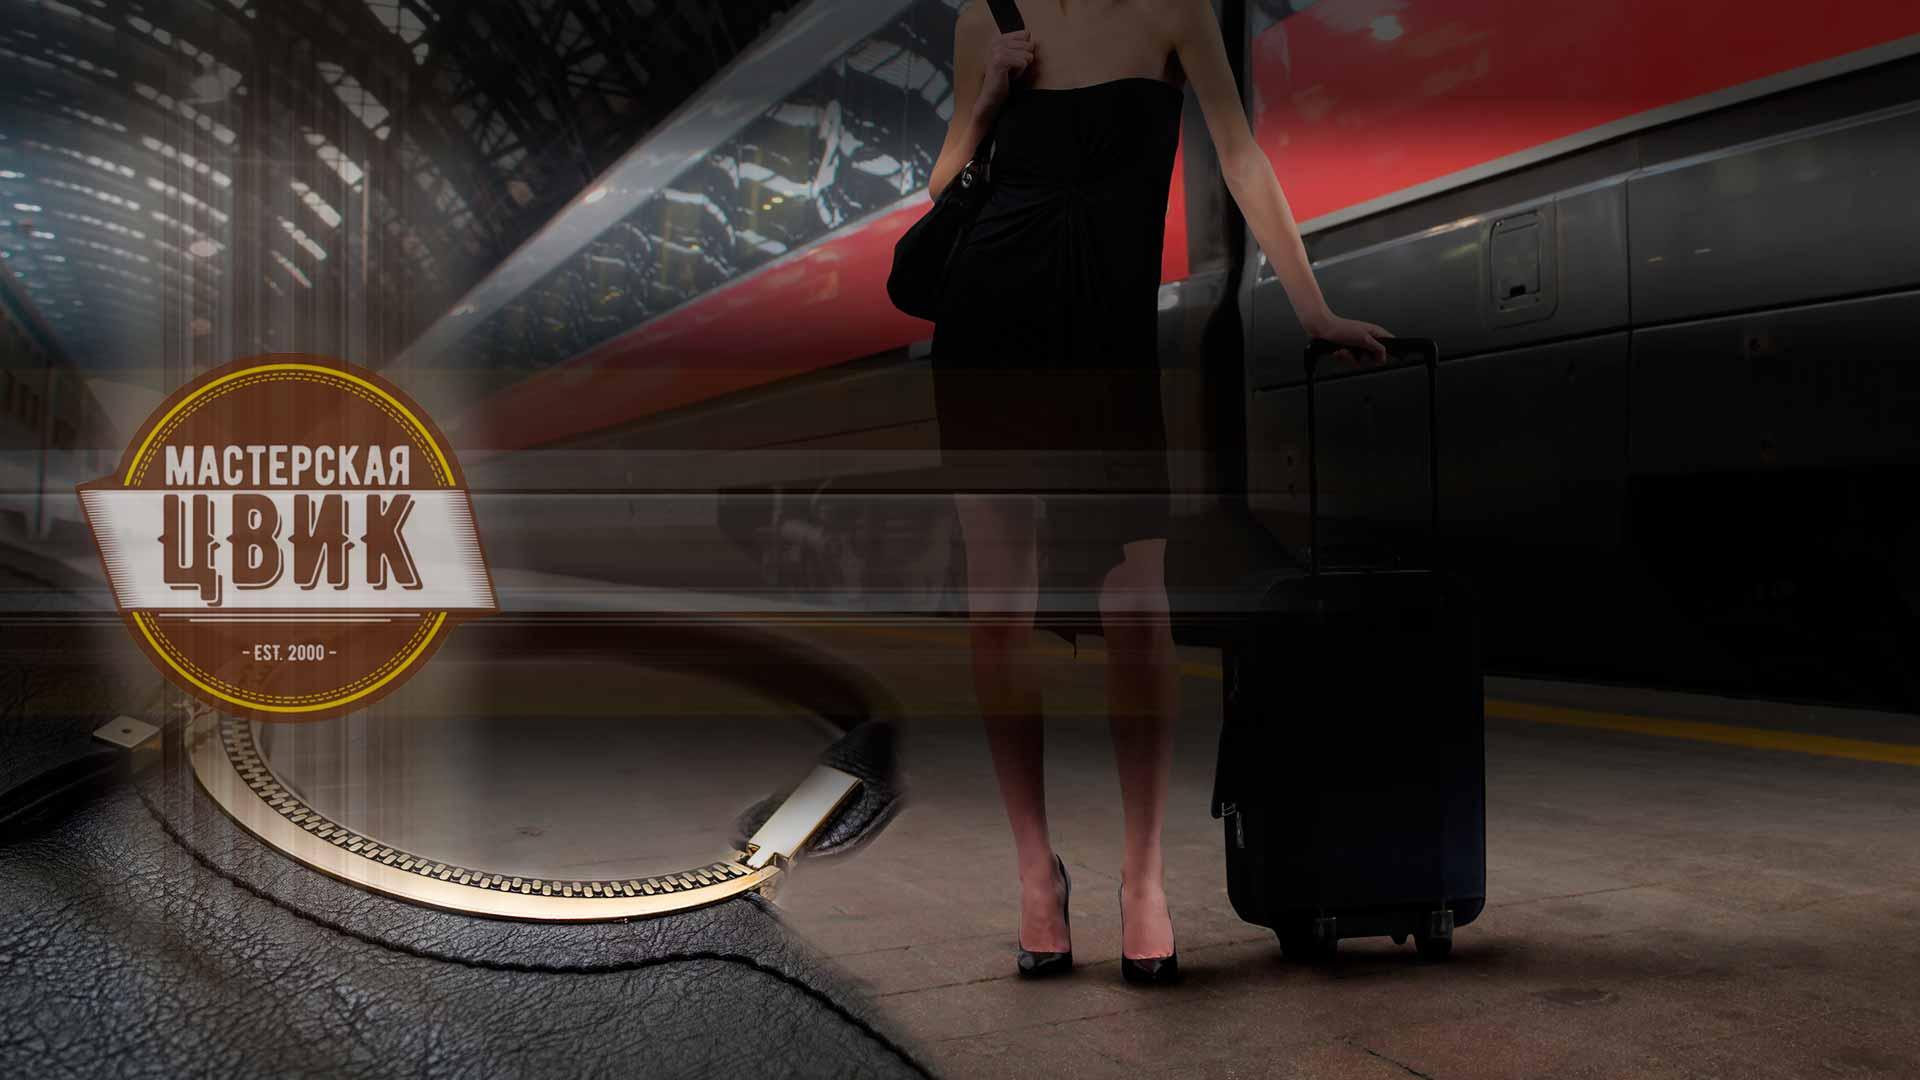 slajder-tsvik-sumki-i-chemodany слайдер-цвик-сумки-и-чемоданы